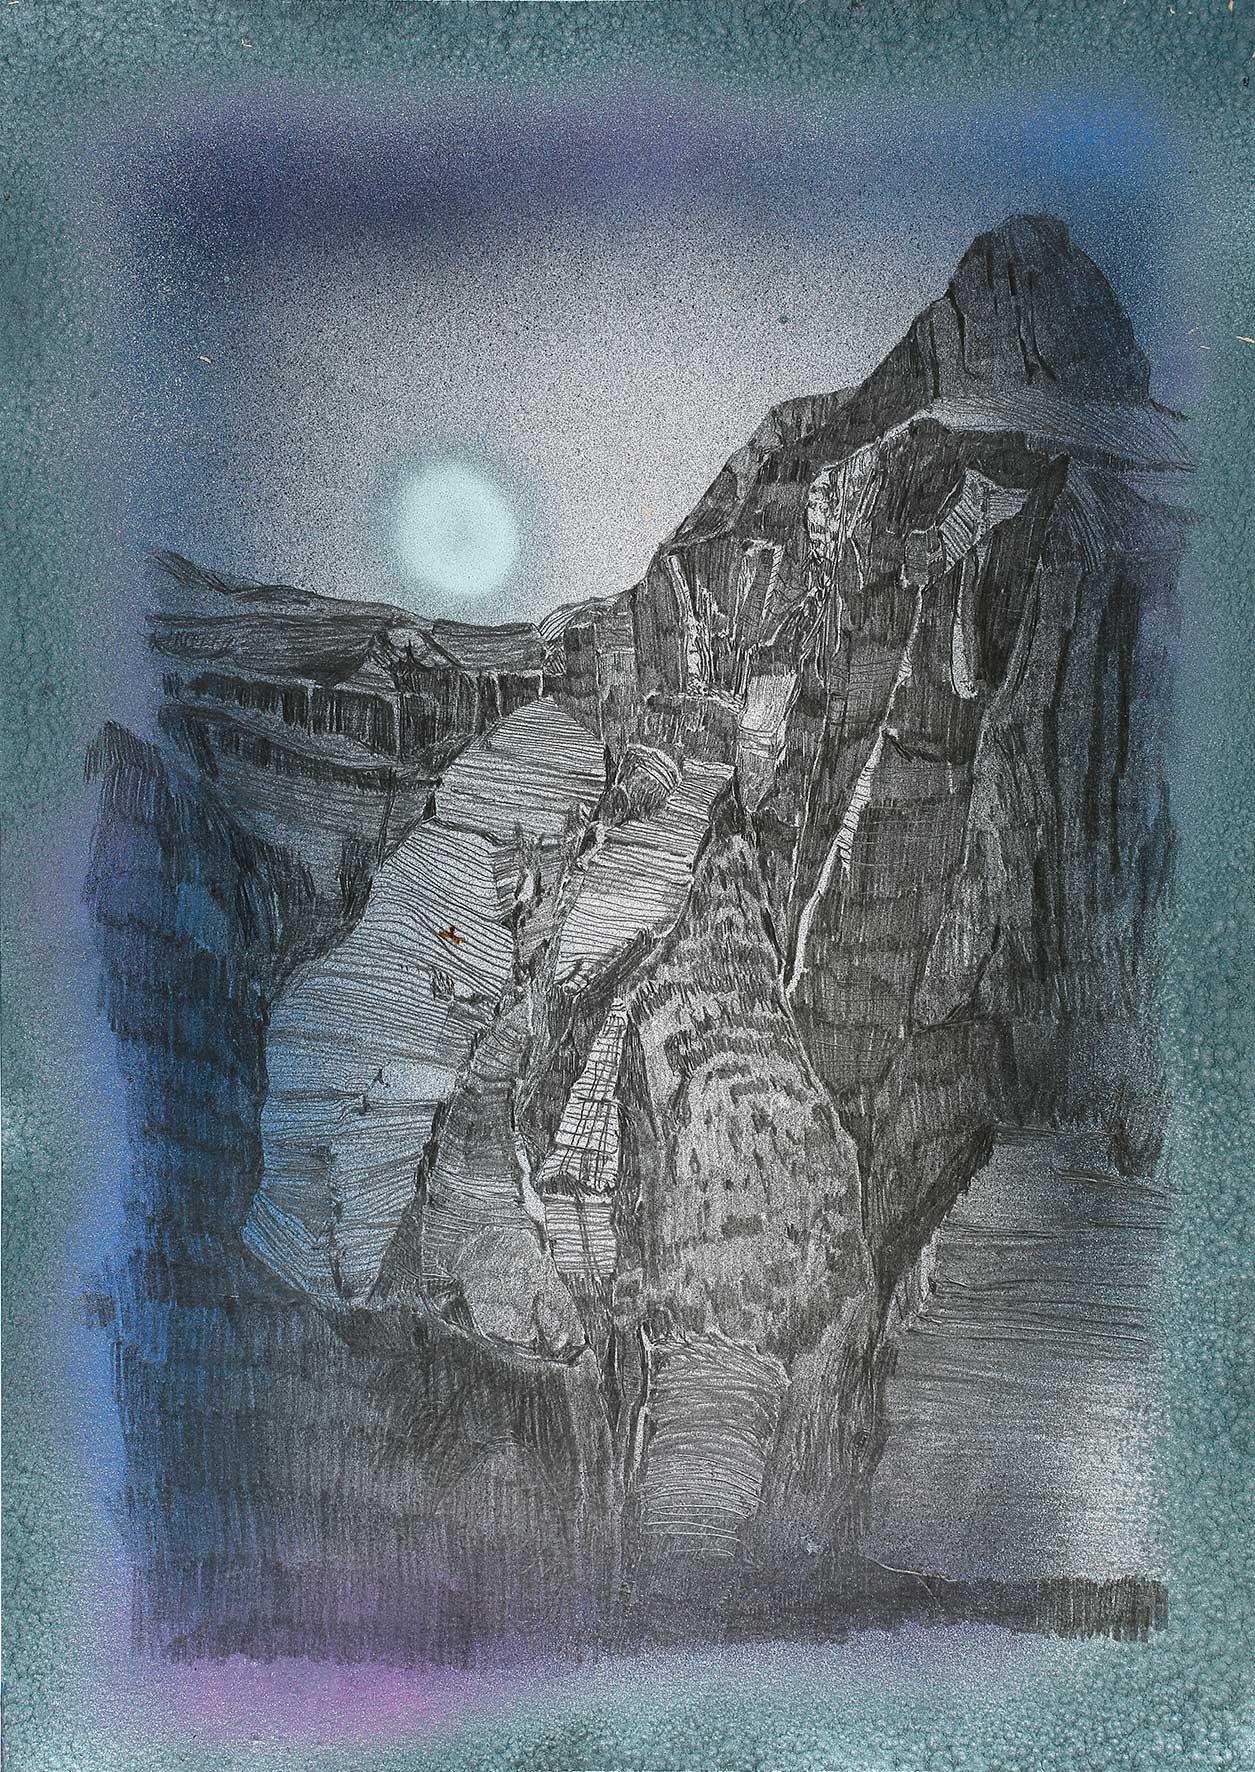 """aus der Serie """"The Martian Chronicles I"""" Acryl und Bleistift auf Papier 42 x 30 cm (Foto Jasha Greenberg) courtesy Galerie Krinzinger Wien"""